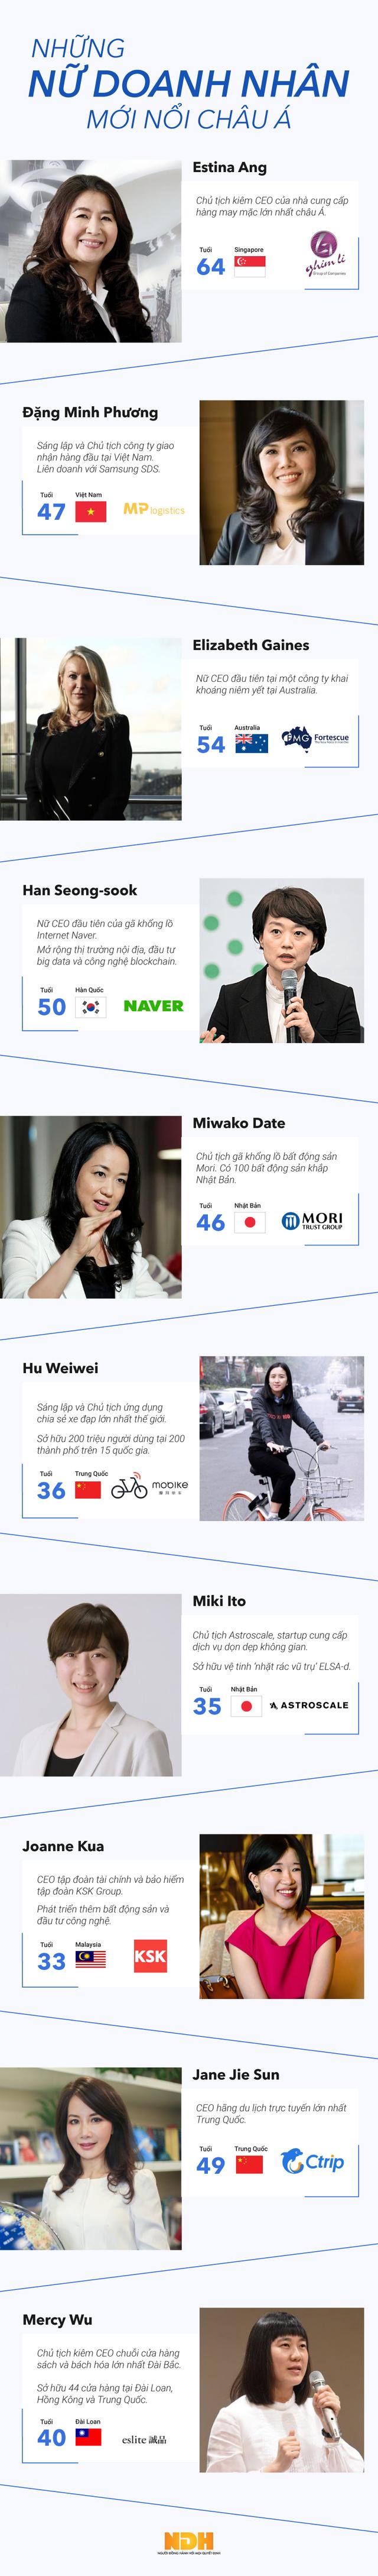 Infographic: Những nữ doanh nhân mới nổi châu Á - Ảnh 1.